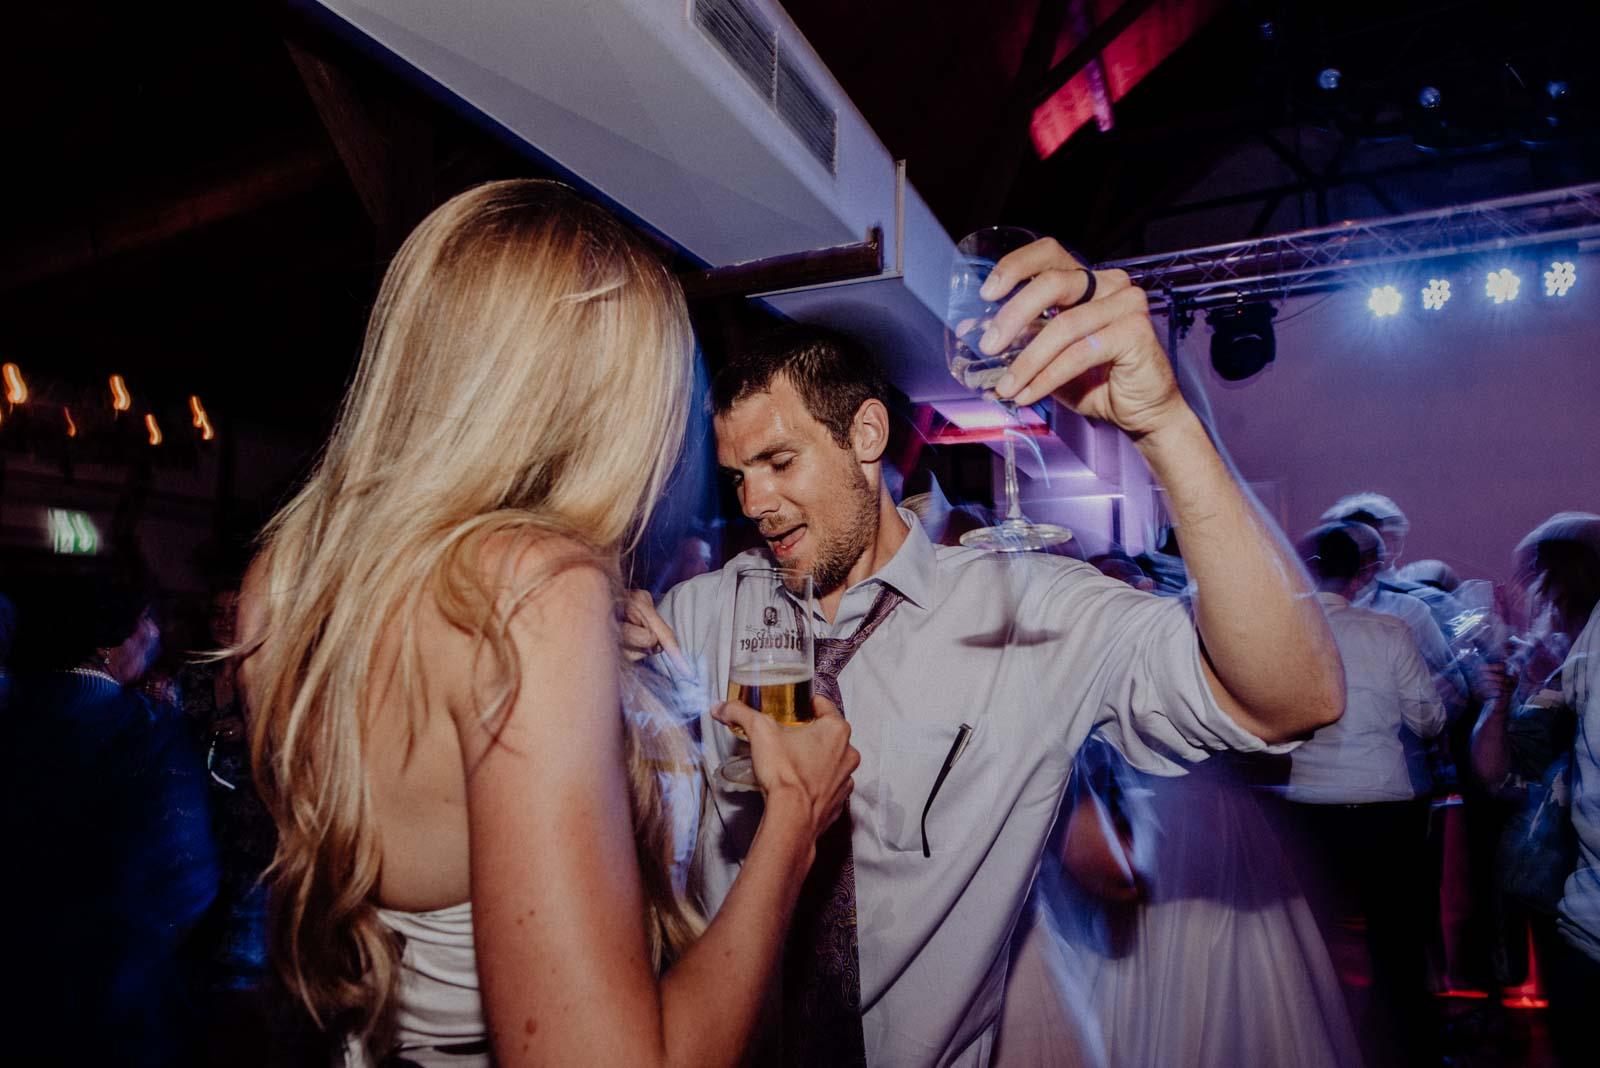 Hochzeitsfotograf Witten Blitzbilder Hochzeit